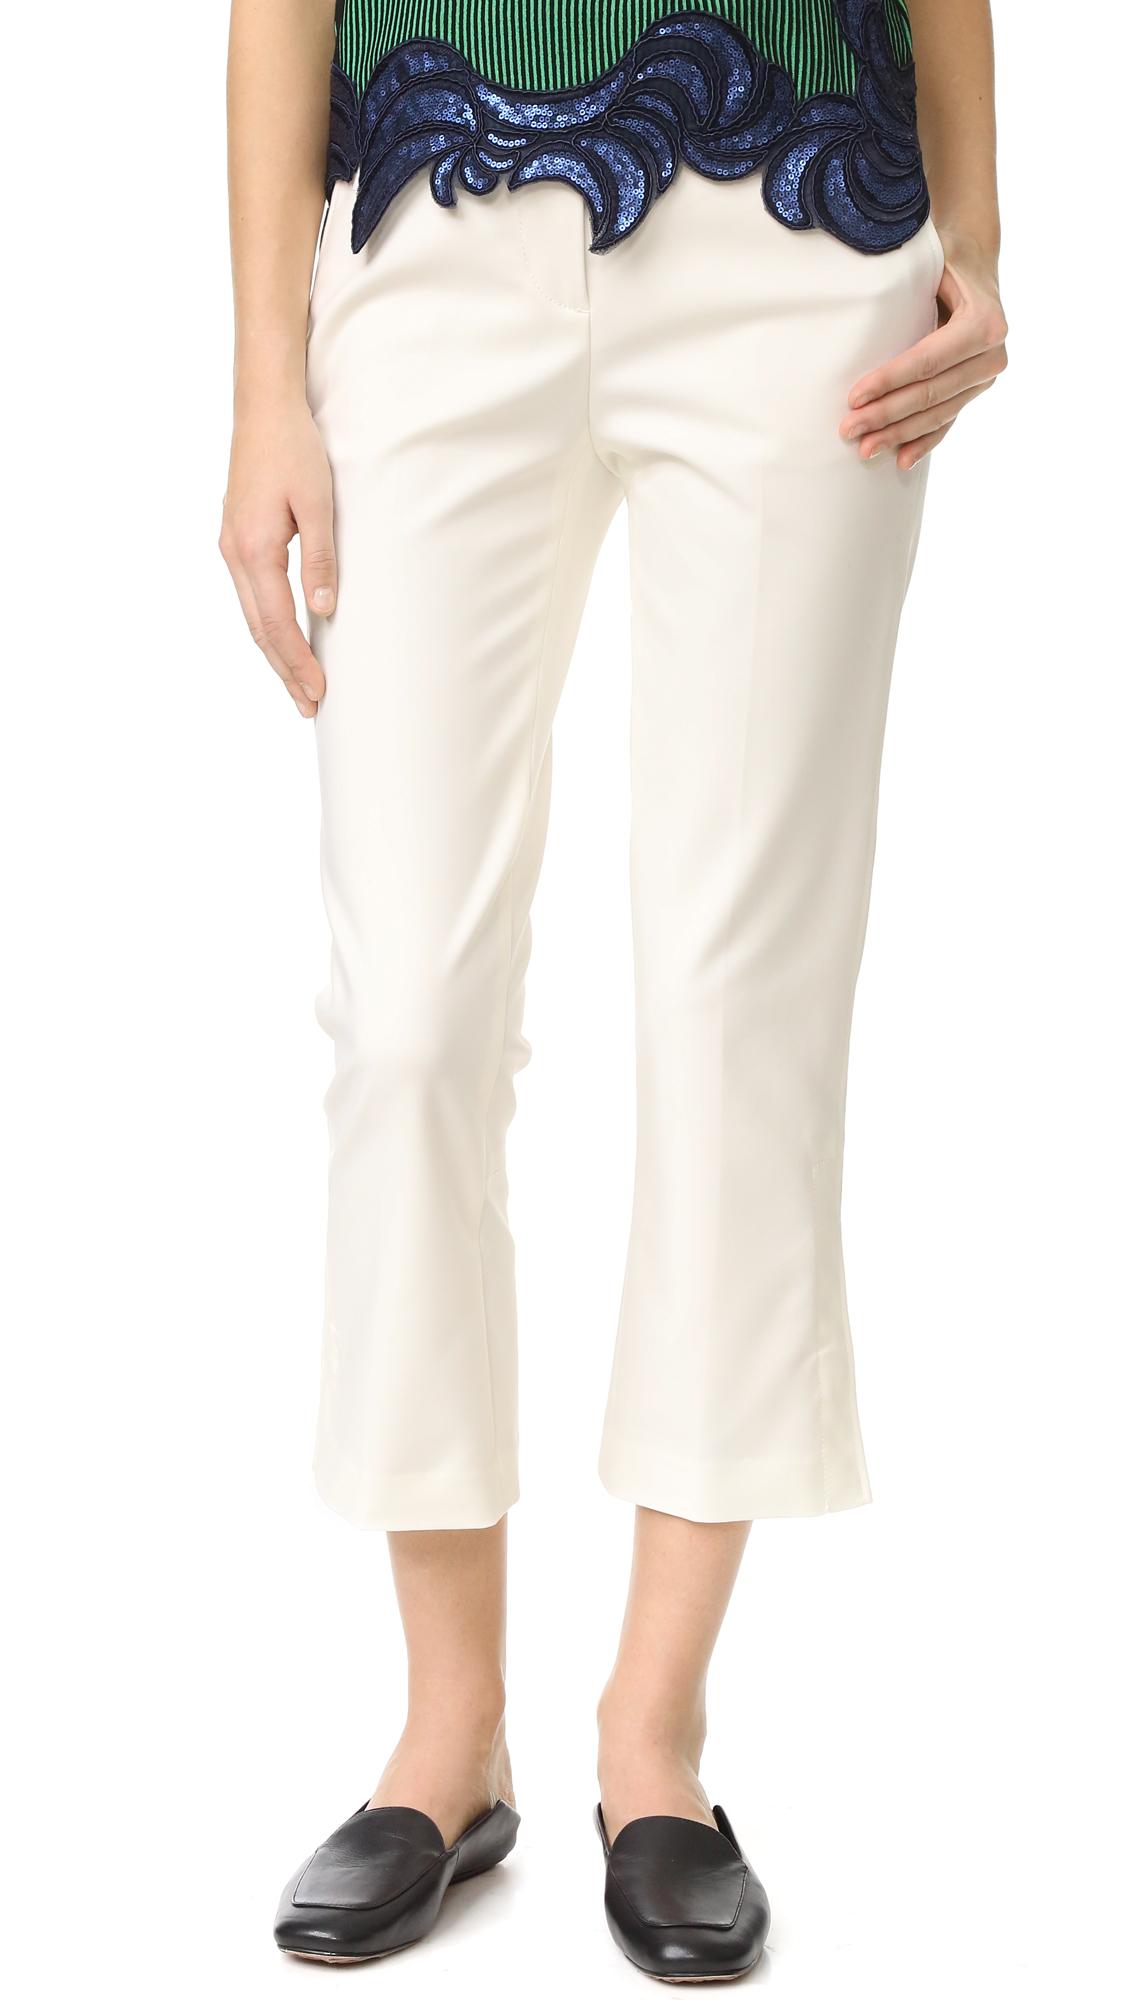 3.1 Phillip Lim Kick Flare Pants - Antique White at Shopbop